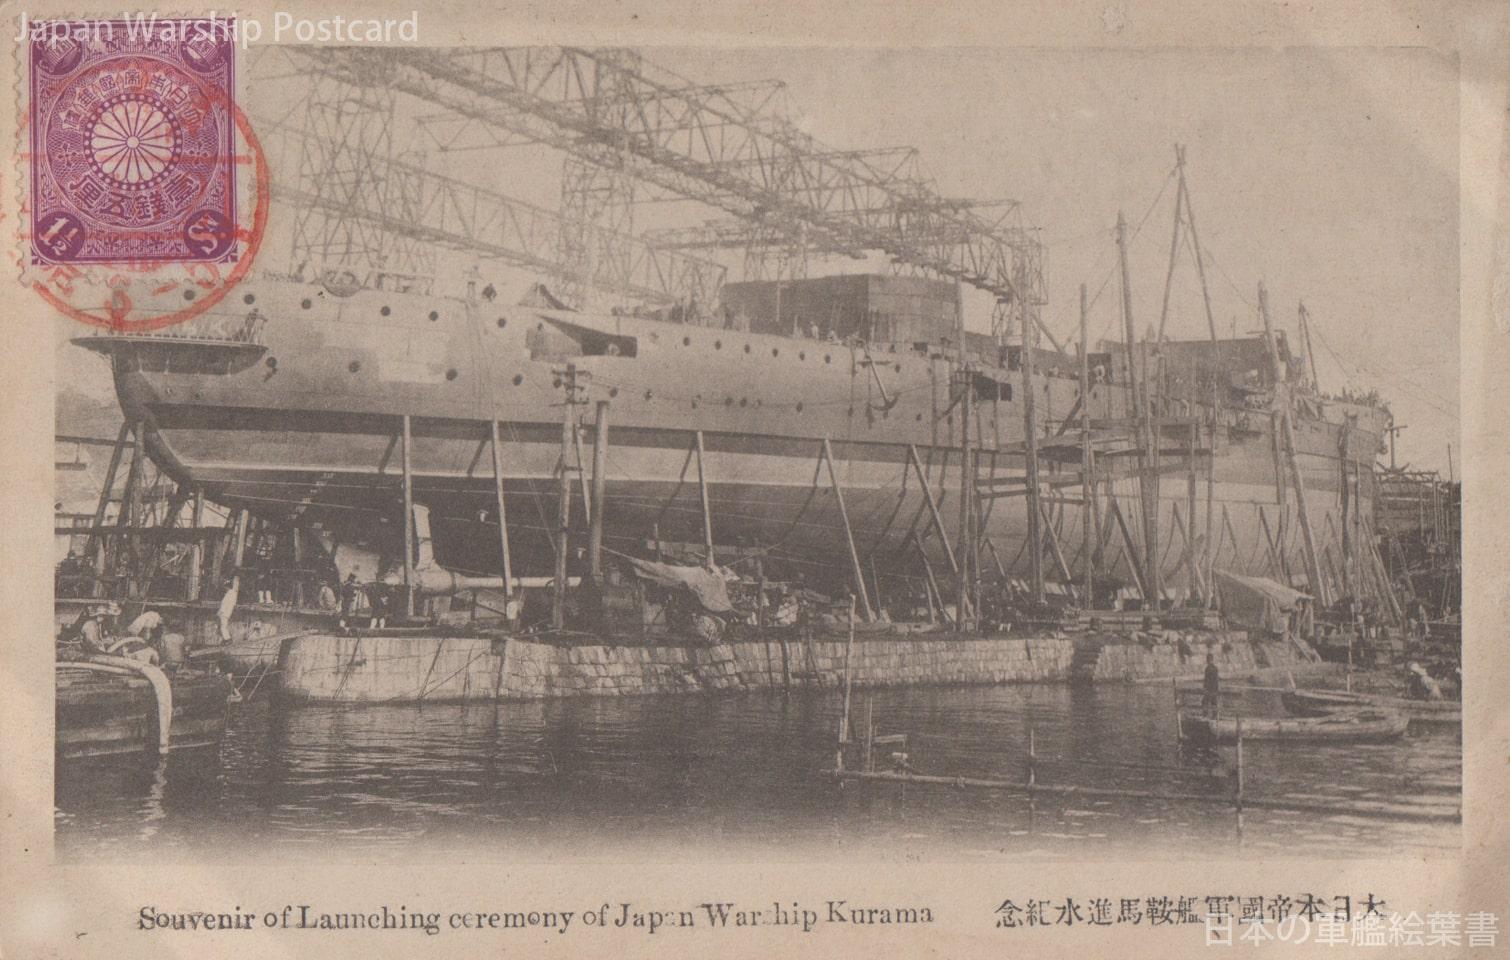 大日本帝国軍艦鞍馬進水記念